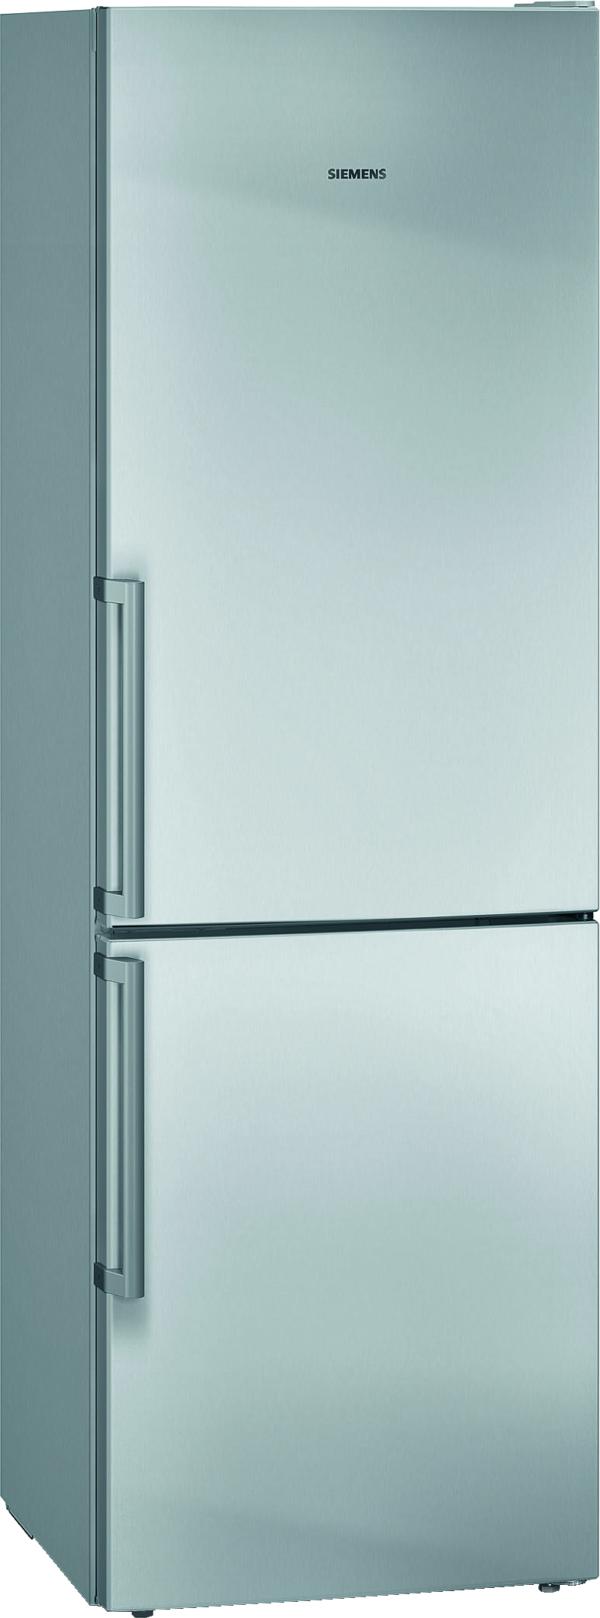 Siemens KG36VELEP  iQ300 Vrijstaande koel-vriescombinatie 186 x 60 cm Inox-look